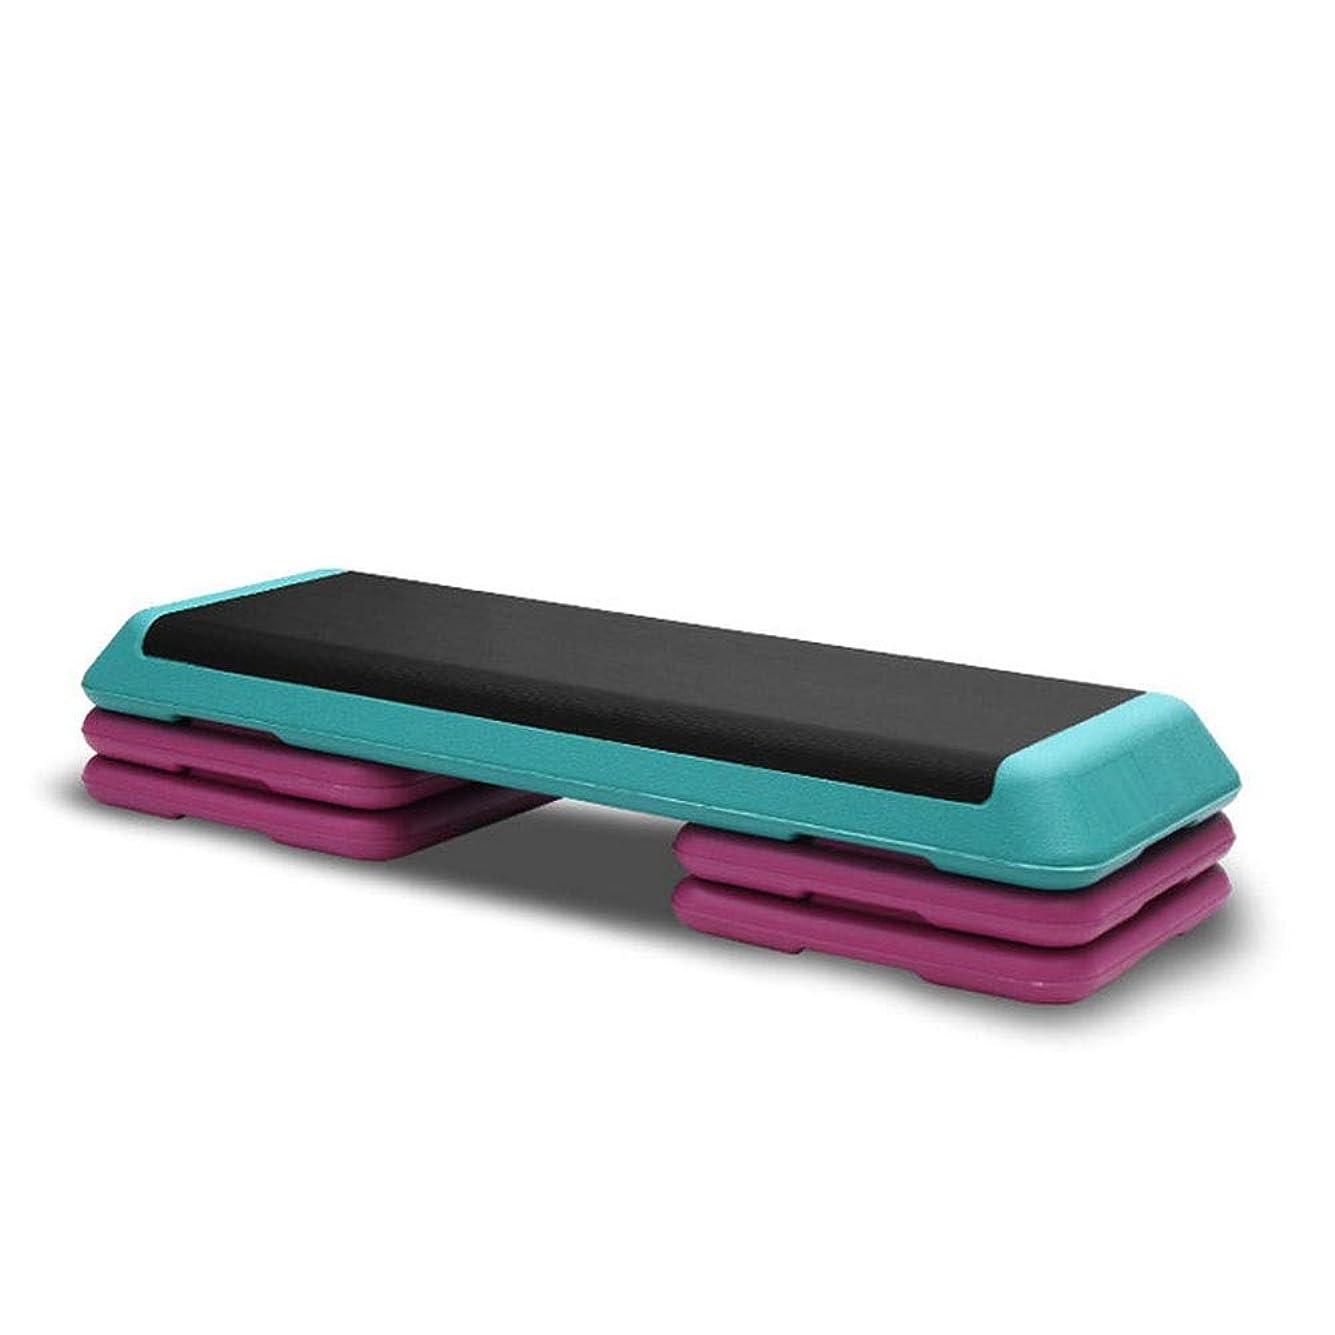 固有のノートオールスポーツやジムのためのライザー付き調整可能な運動有酸素ステッパーCadio Fitness Step Platform (Color : Blue-03)